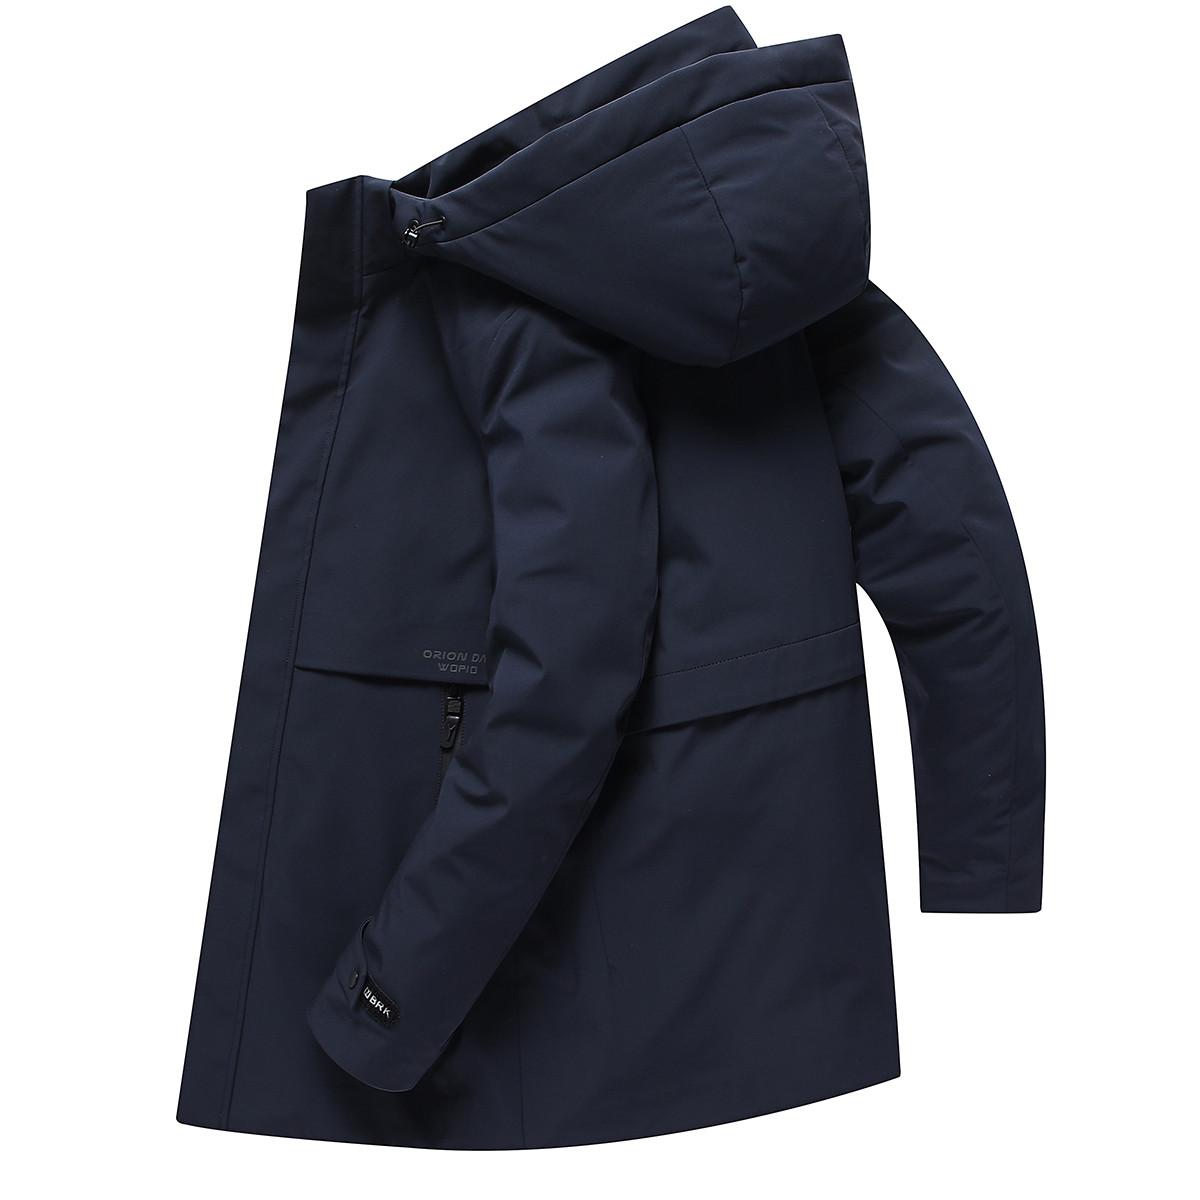 【可脱卸内胆】罗蒙新品首发90白鸭绒羽绒服男纯色连帽男式羽绒服